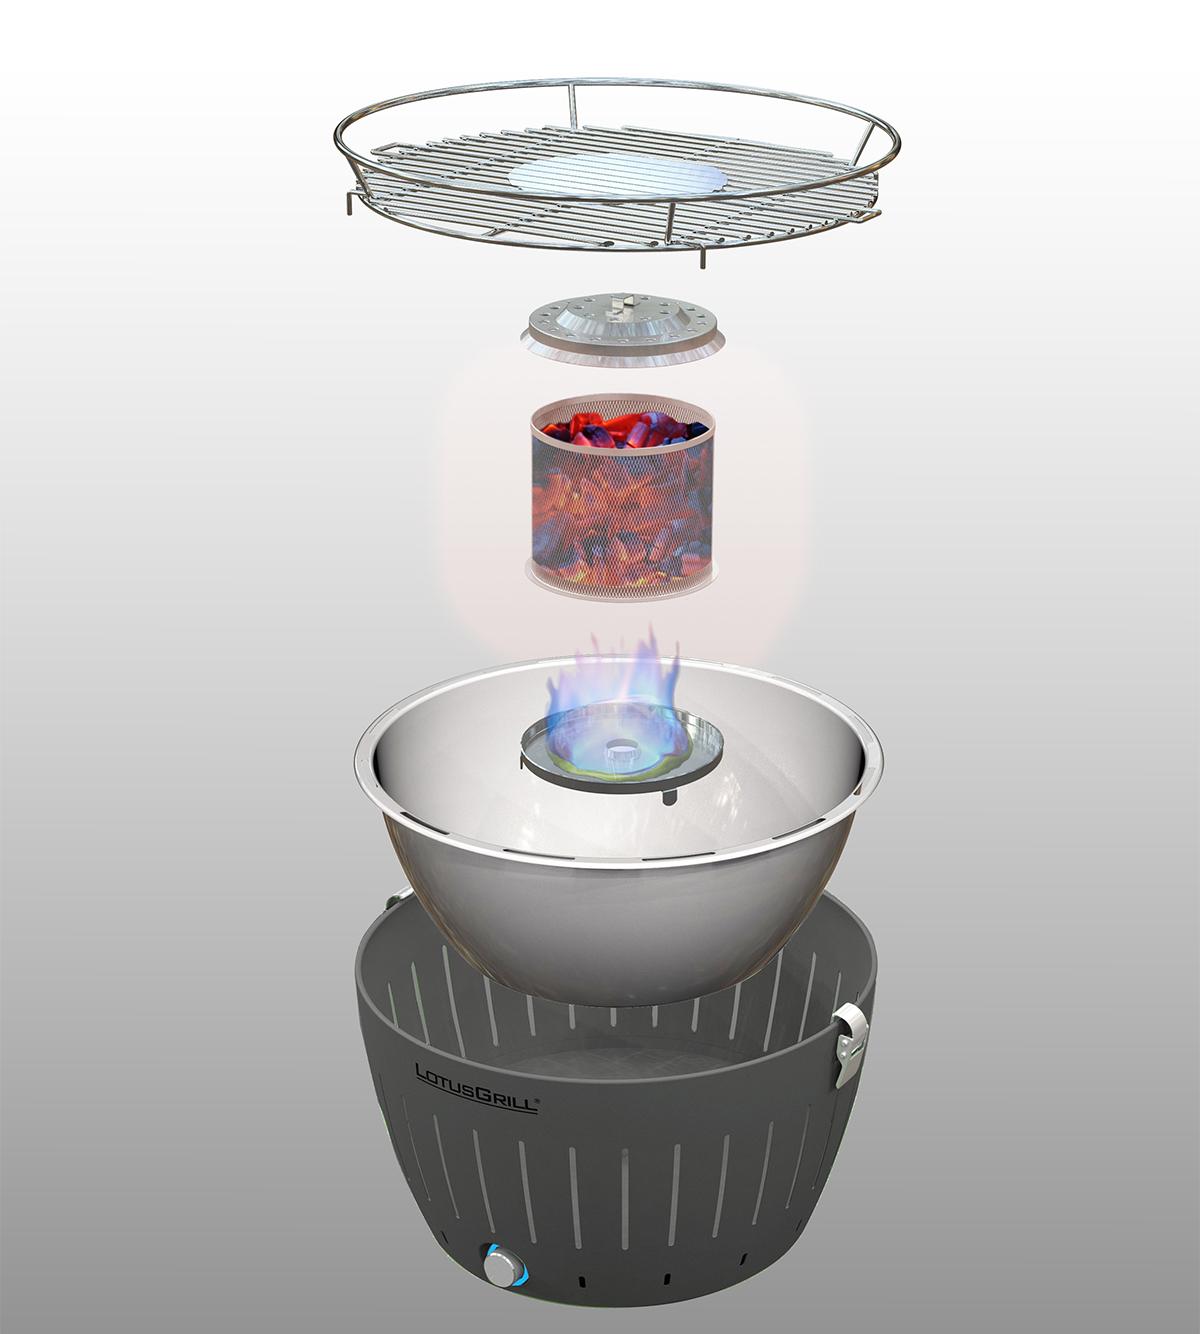 煙が少ない火力調節ファン付きロースターで、初心者でも火加減しやすい(一人キャンプ、ソロBBQに)|Lotus Grill